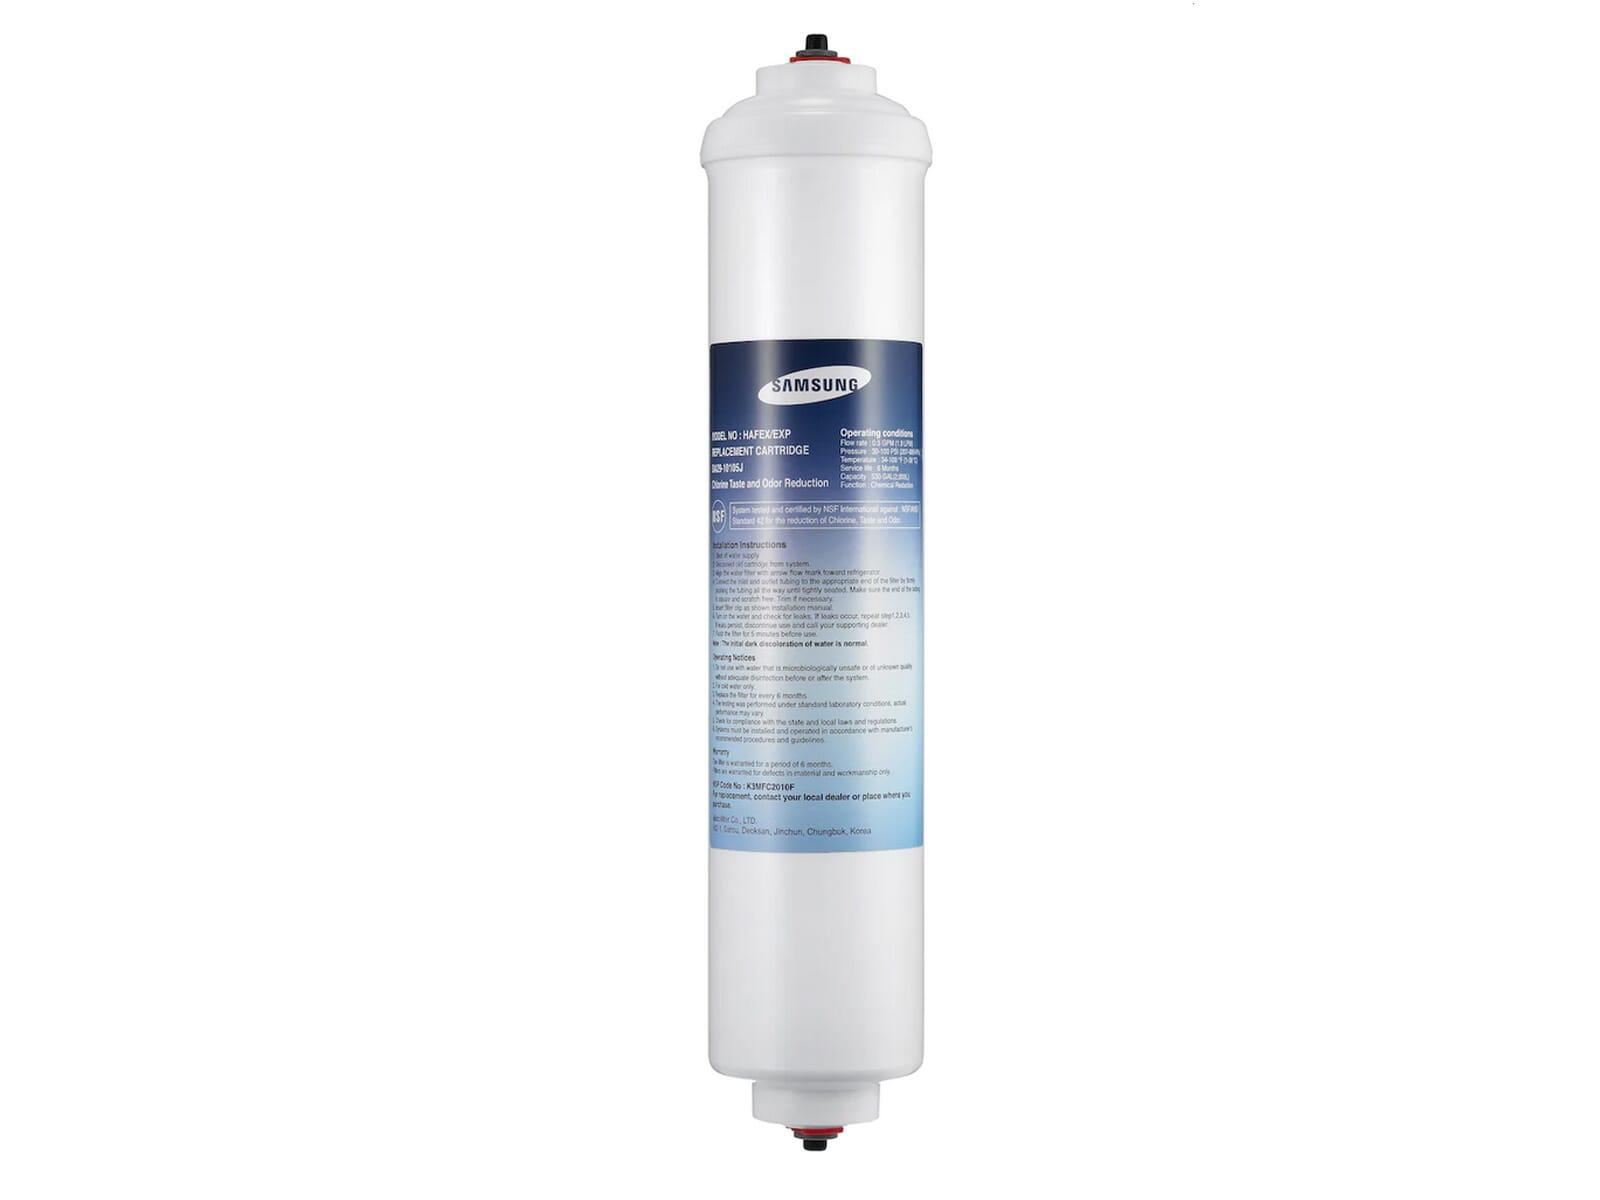 Samsung HAFEX/EXP Wasserfilter für Wasserspender in Kühlgeräten